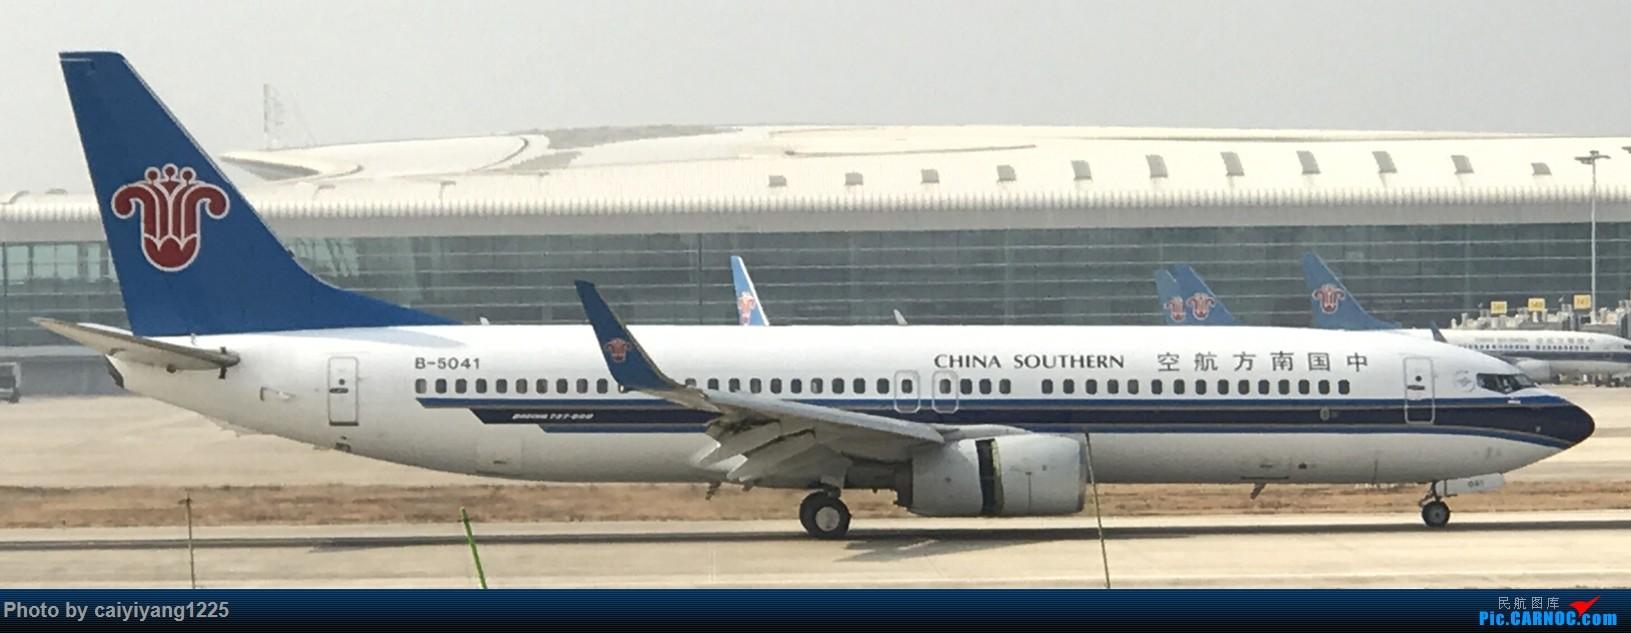 Re:[原创]武汉国庆拍机ps:出门忘带相机 拿手机拍的烂货请见谅! BOEING 737-800 B-5041 武汉天河国际机场